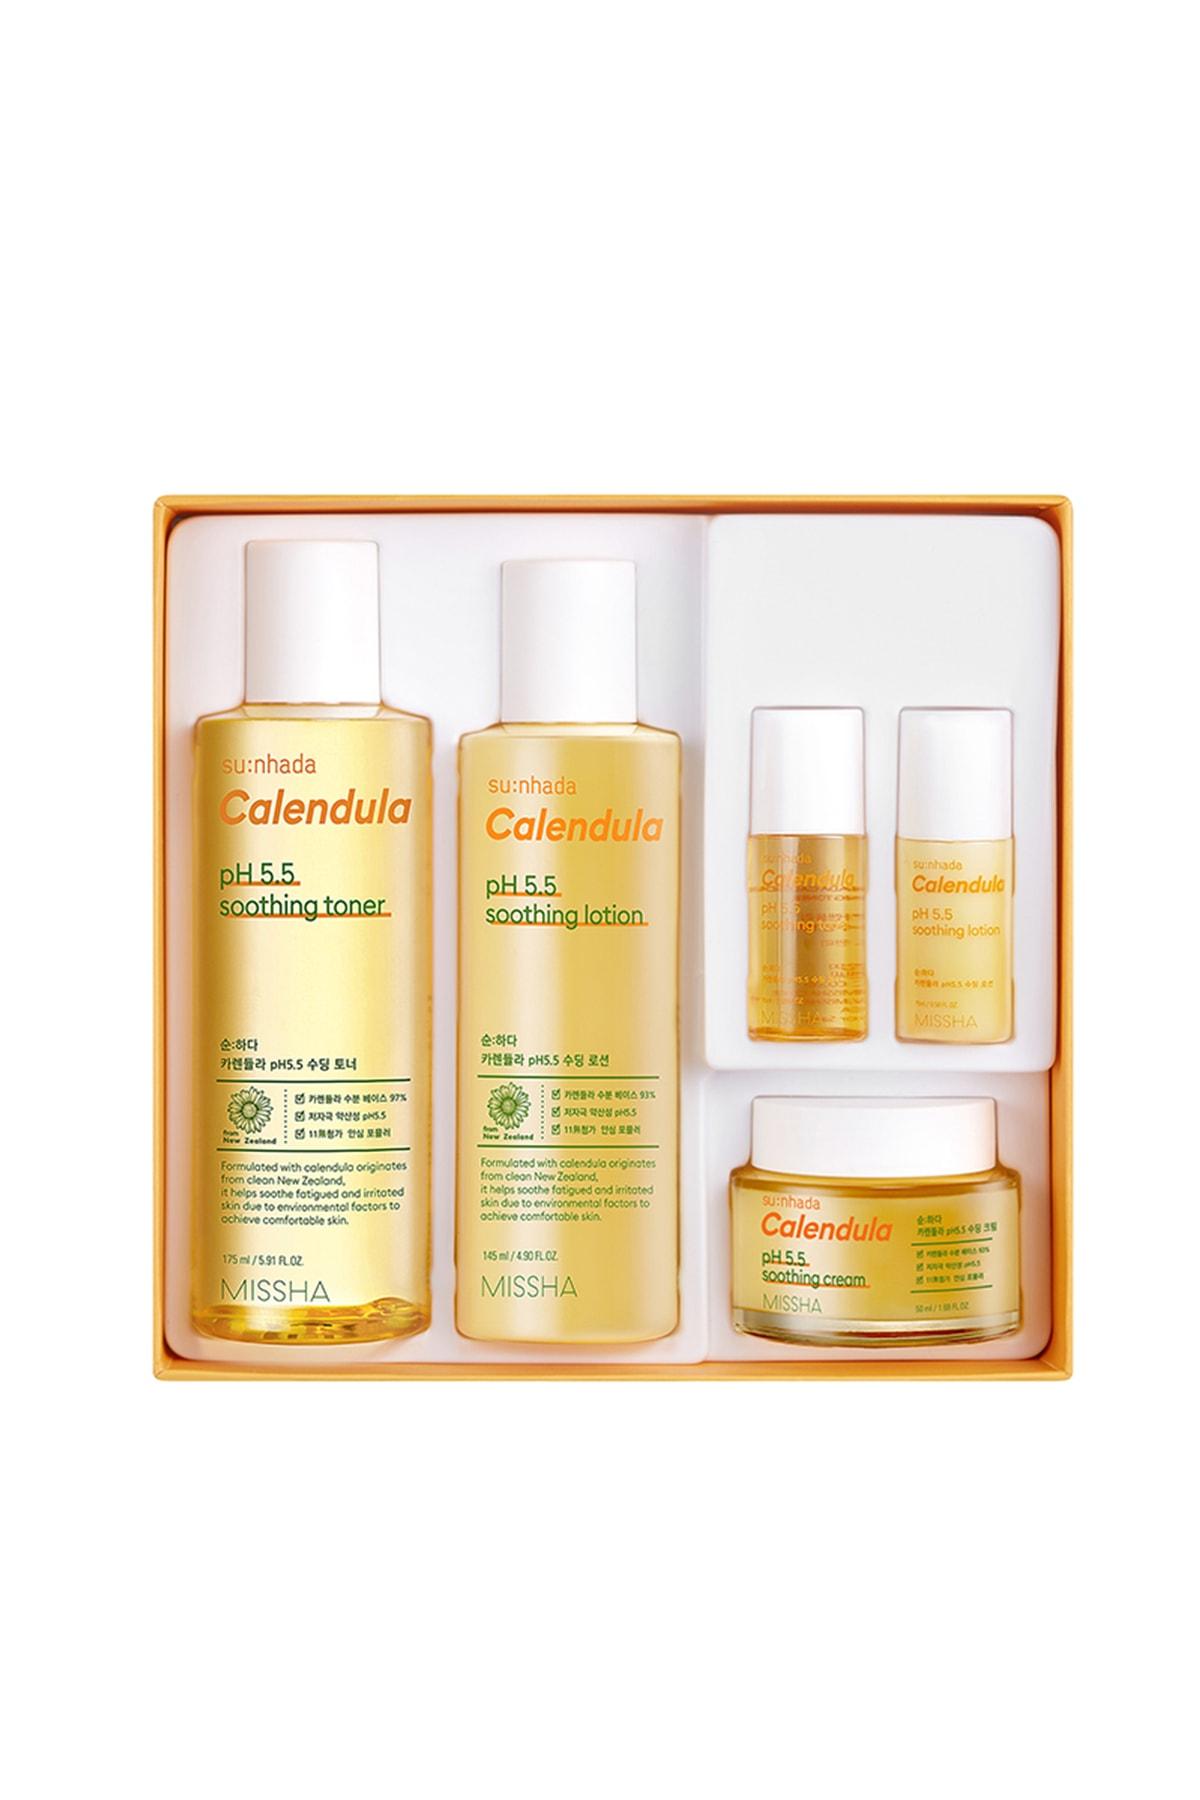 Missha Kalendula Özlü Arındırıcı ve Yatıştırıcı Bakım Seti 2 Su-Nhada Calendula ph 5.5 Soothing Special Set